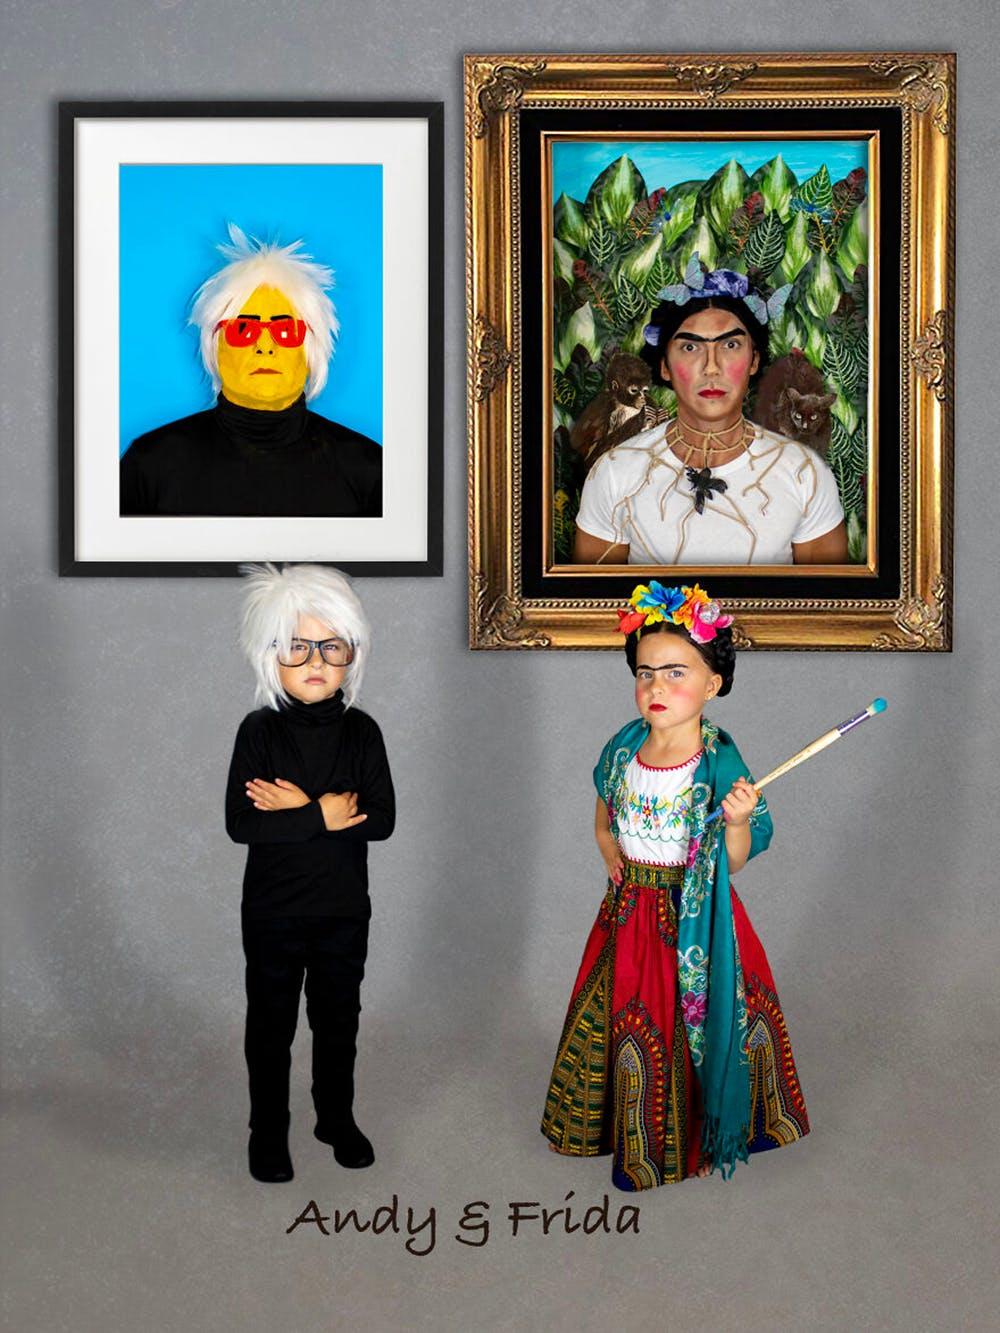 famille championne de déguisements d'Halloween Frida Kahlo et Andy Warhol